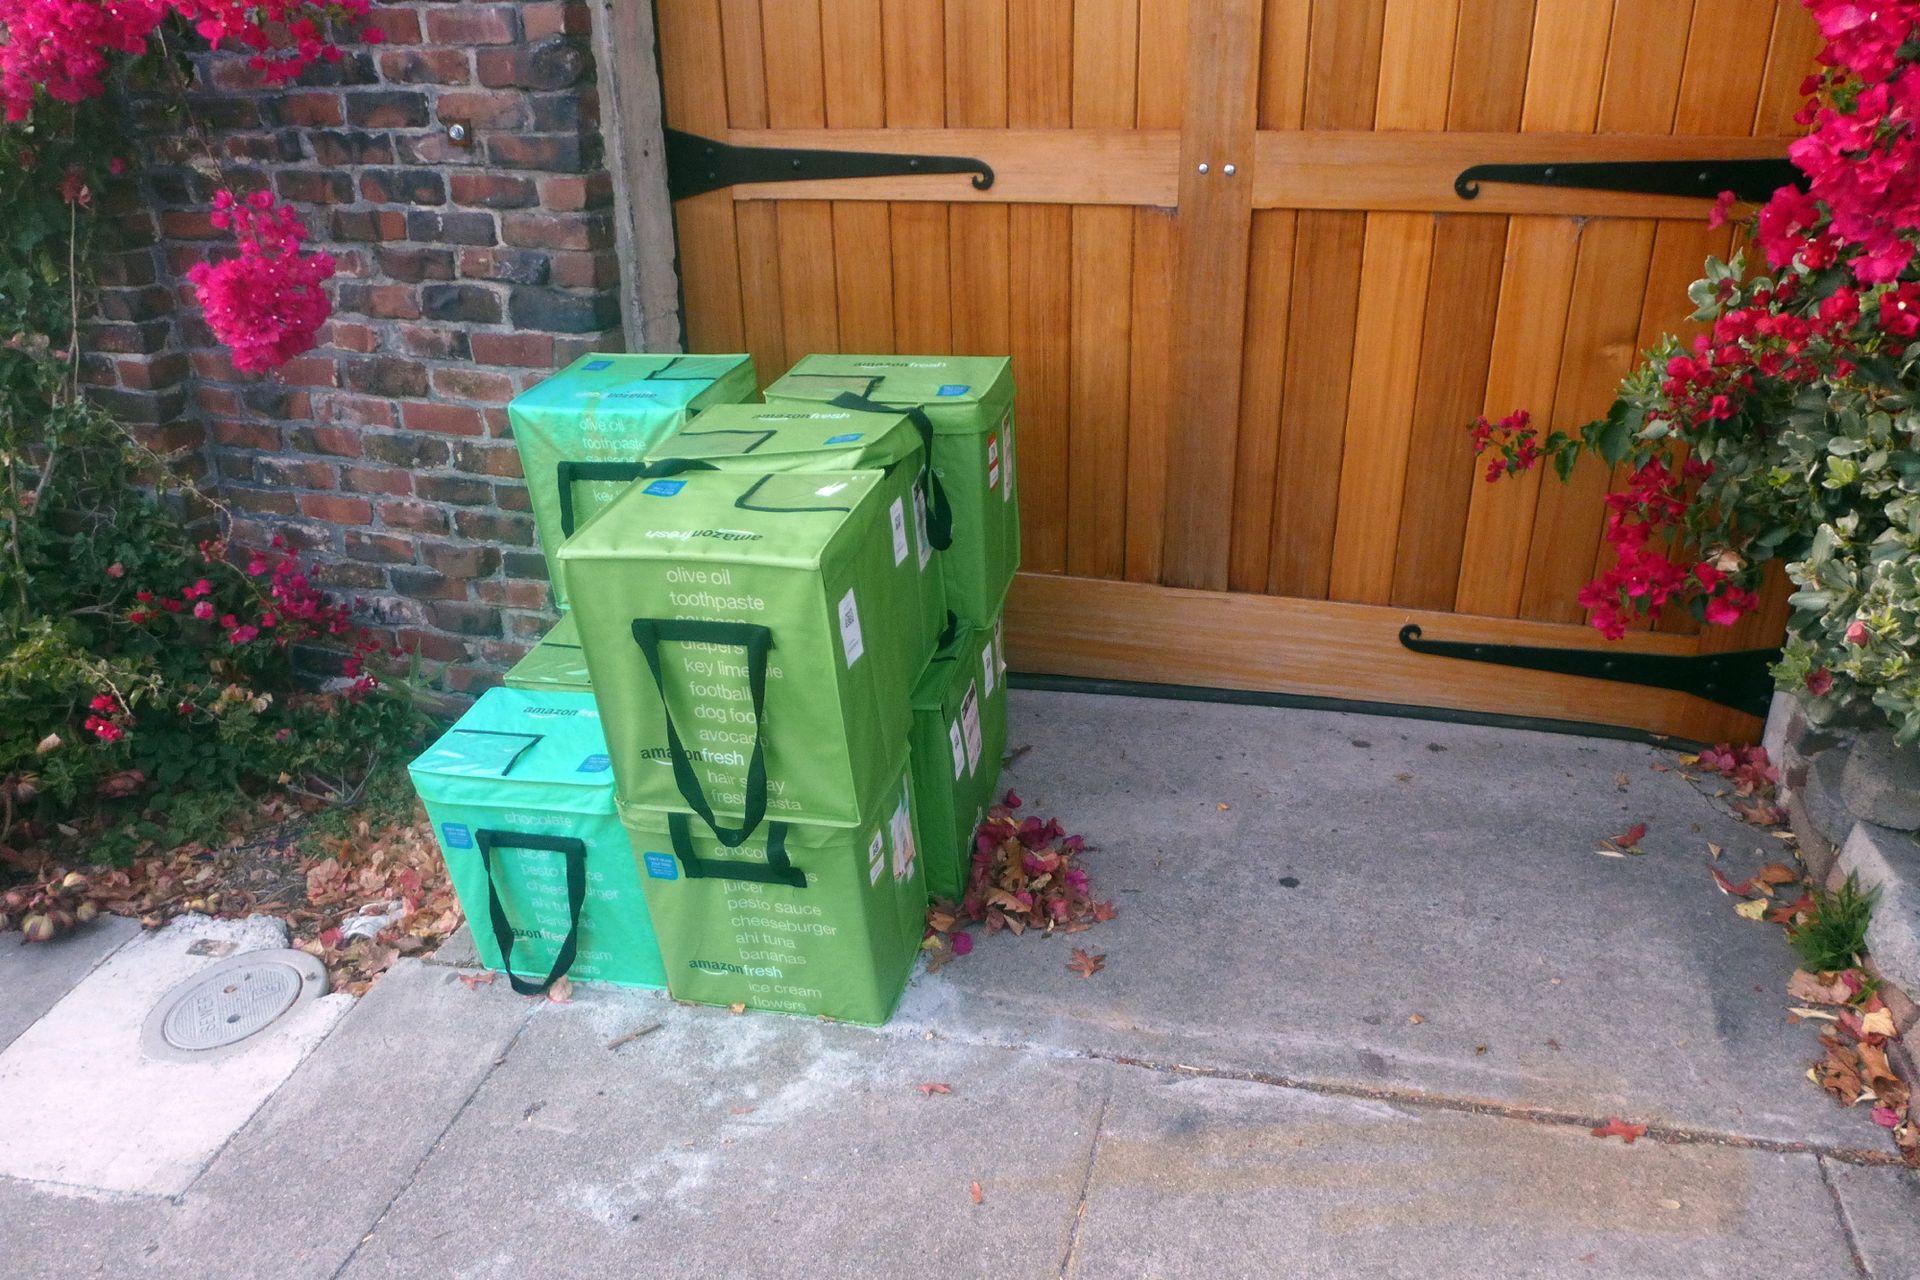 Los envíos se dejan en la puerta y nadie los hurta.